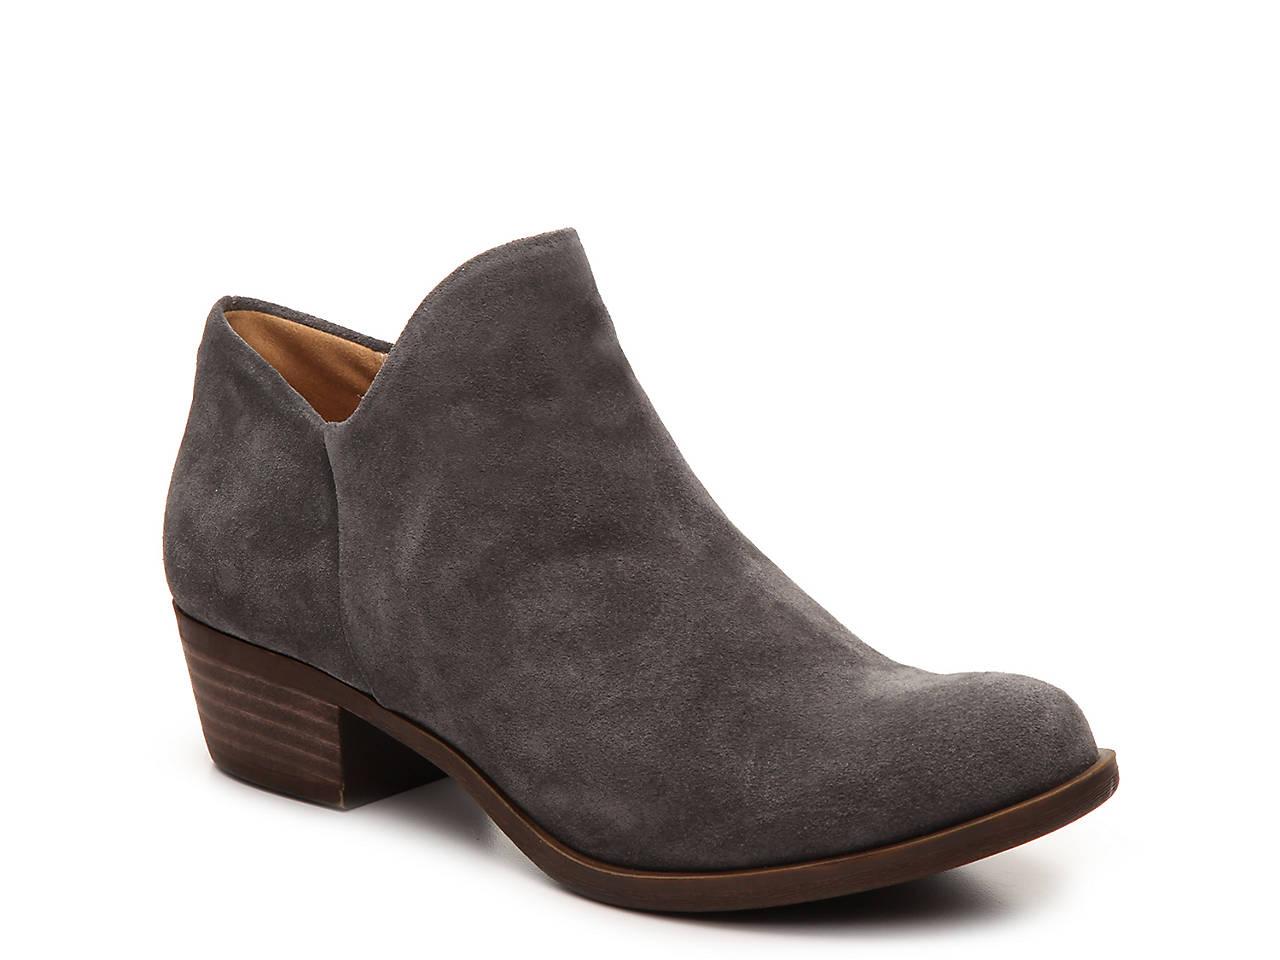 823c13206cdf Lucky Brand Brett Bootie Women s Shoes